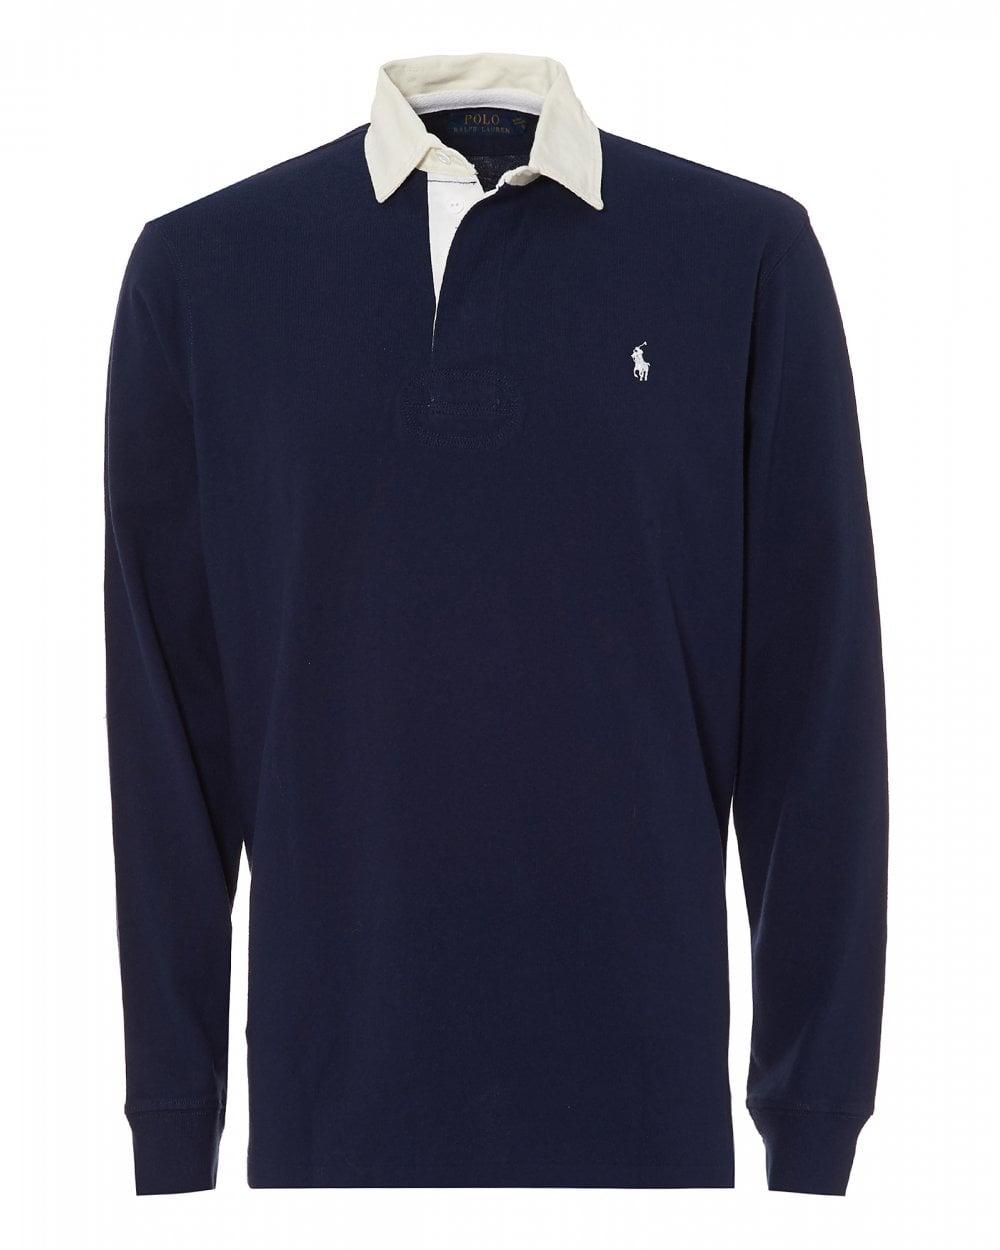 468bccba251b4 Ralph Lauren Mens Rugby Shirt